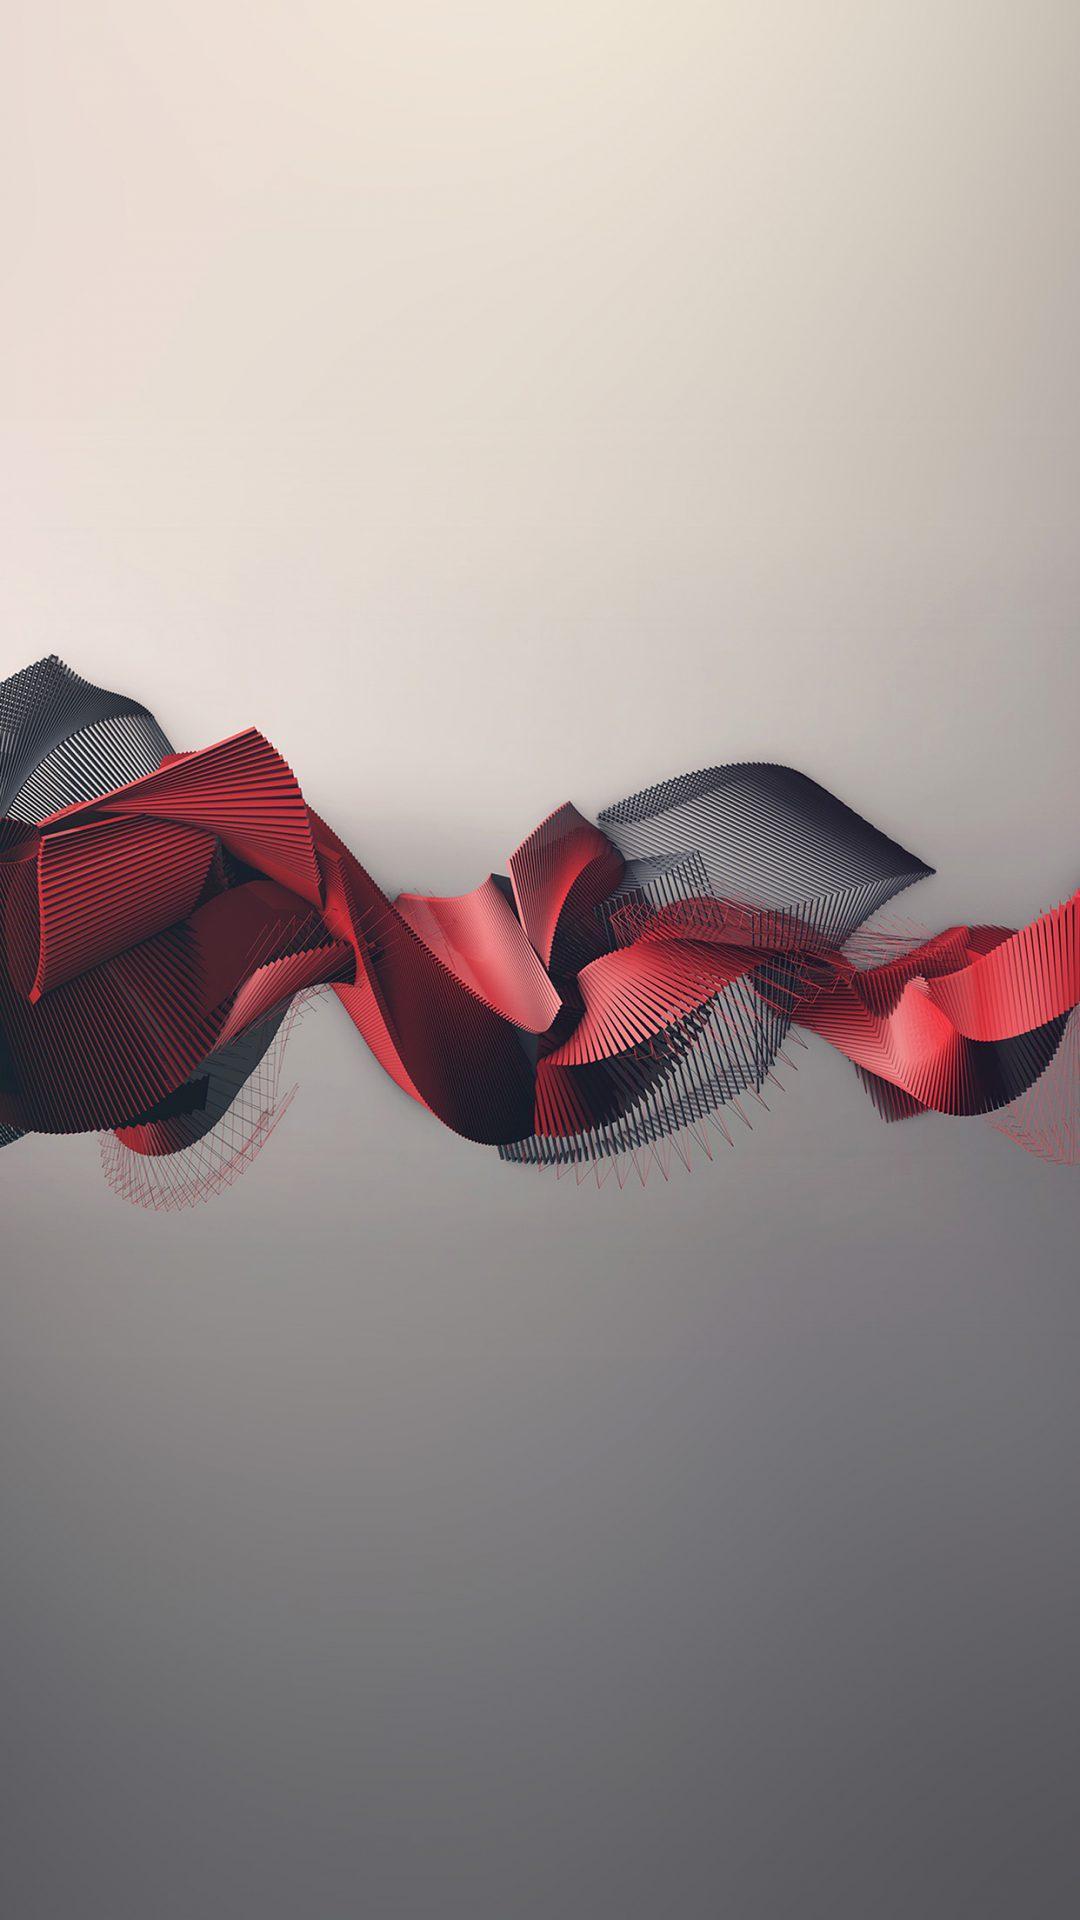 Art Pattern Abstract Art Red Illust